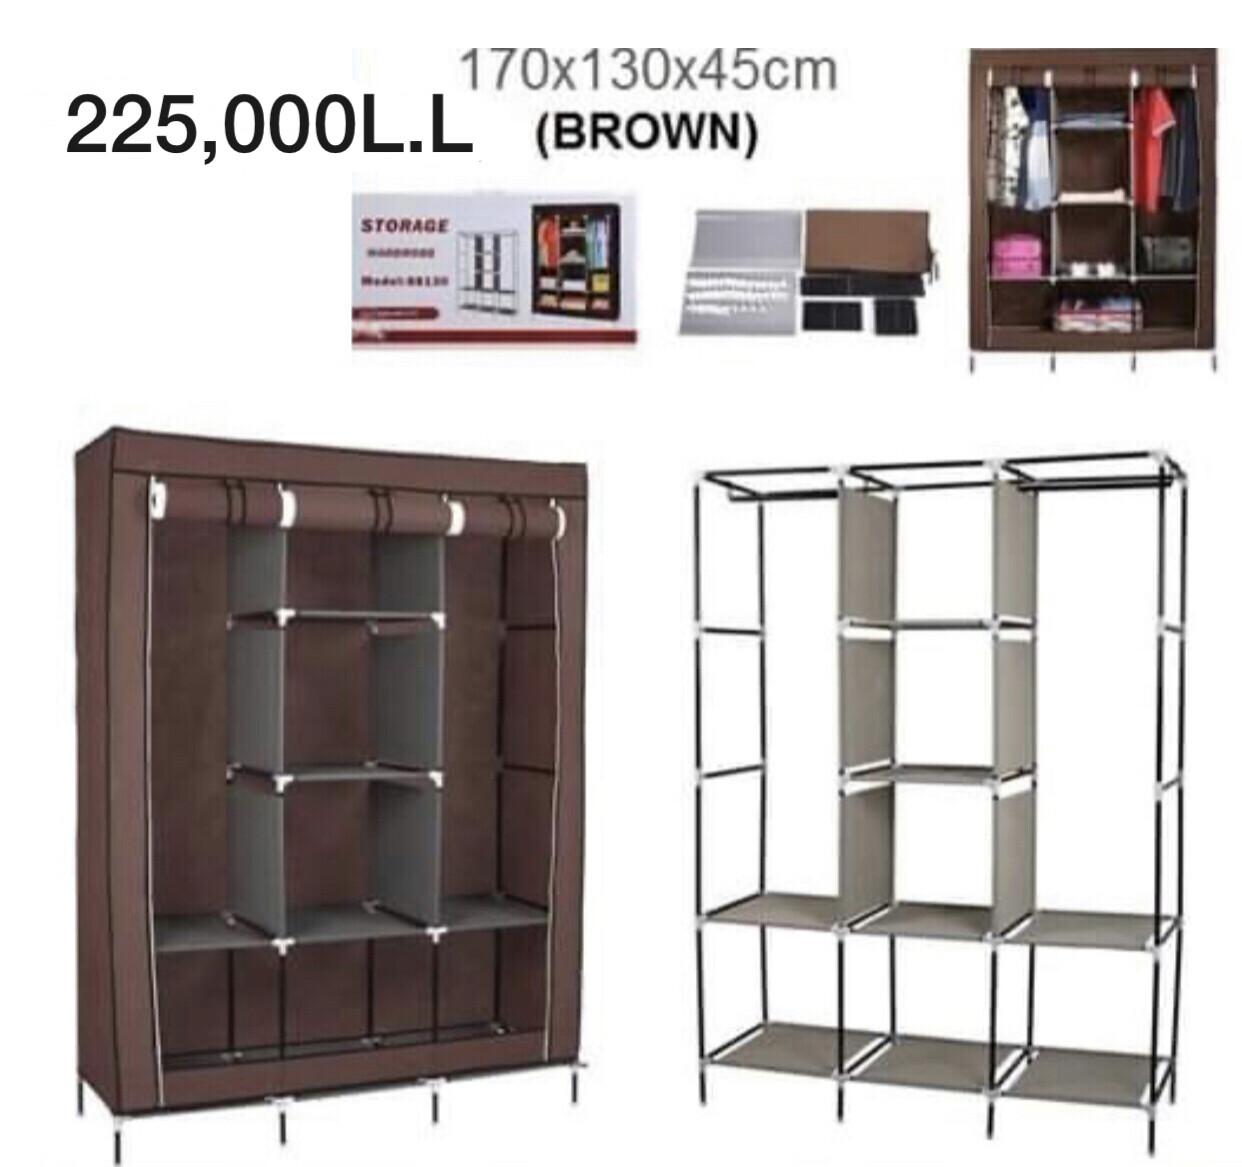 Storage Wardrobe 88130B (BROWN)